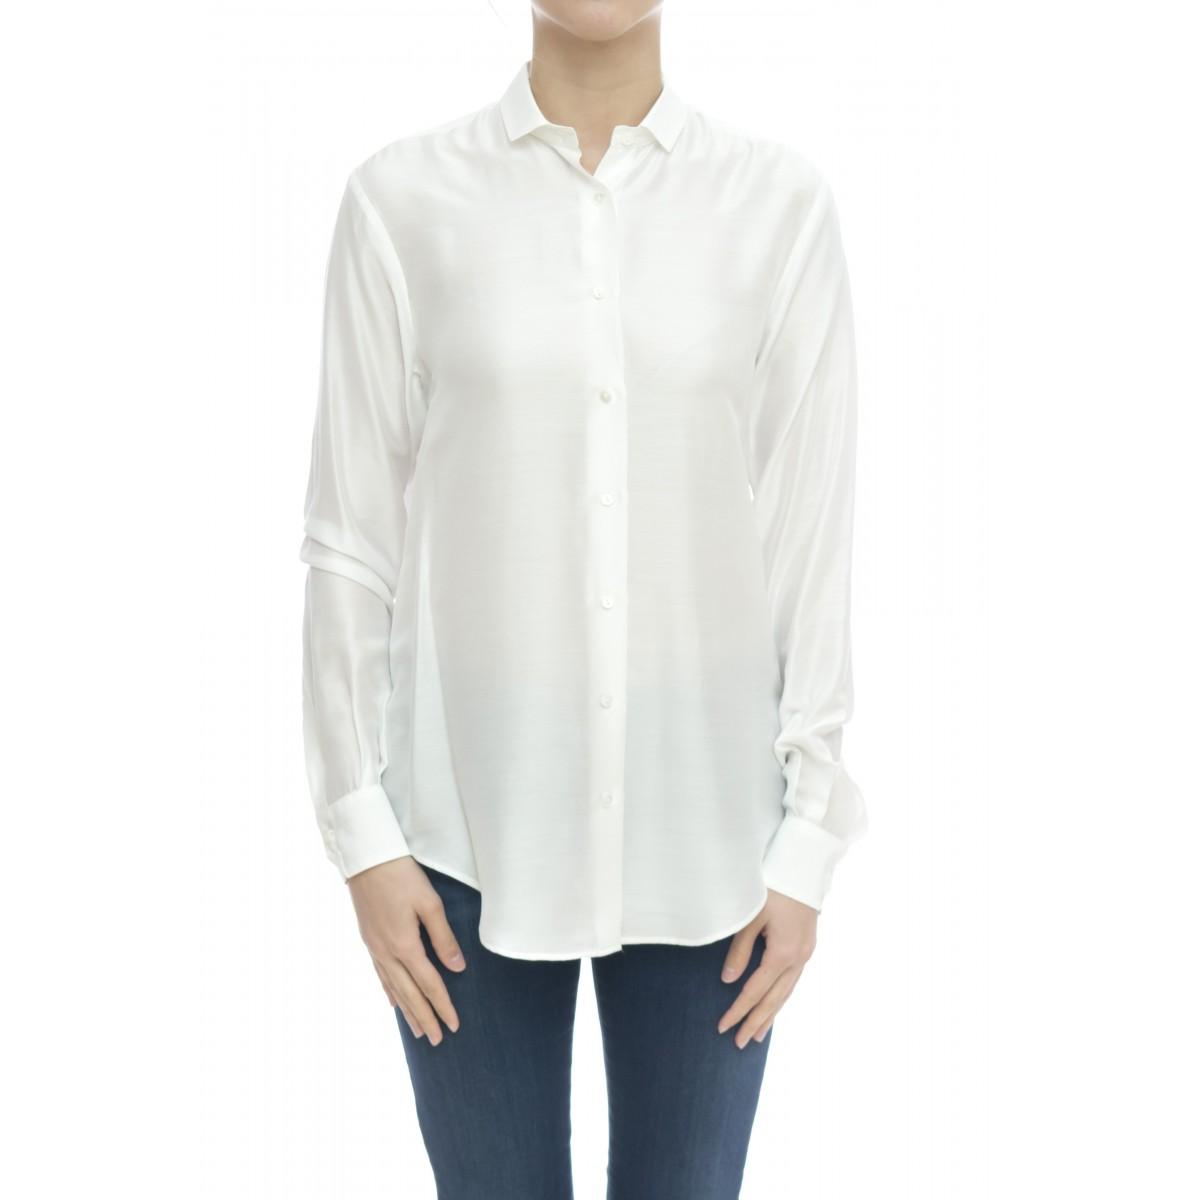 Camicia donna - 1107 65121 misto seta unito